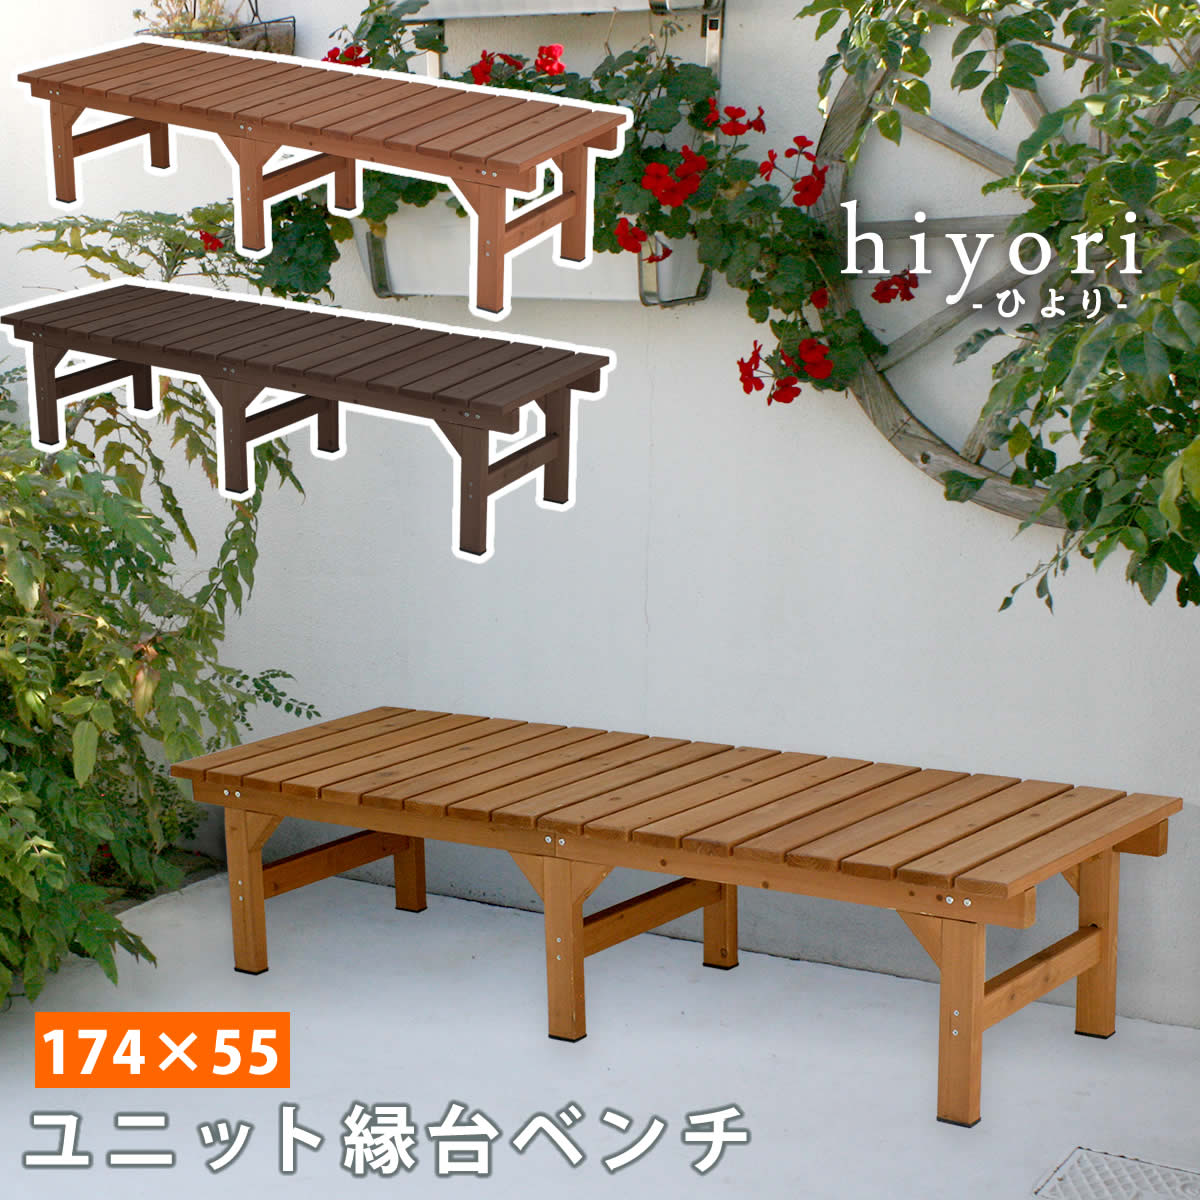 ユニット縁台ベンチ hiyori(ひより) 174×55 DE-17455